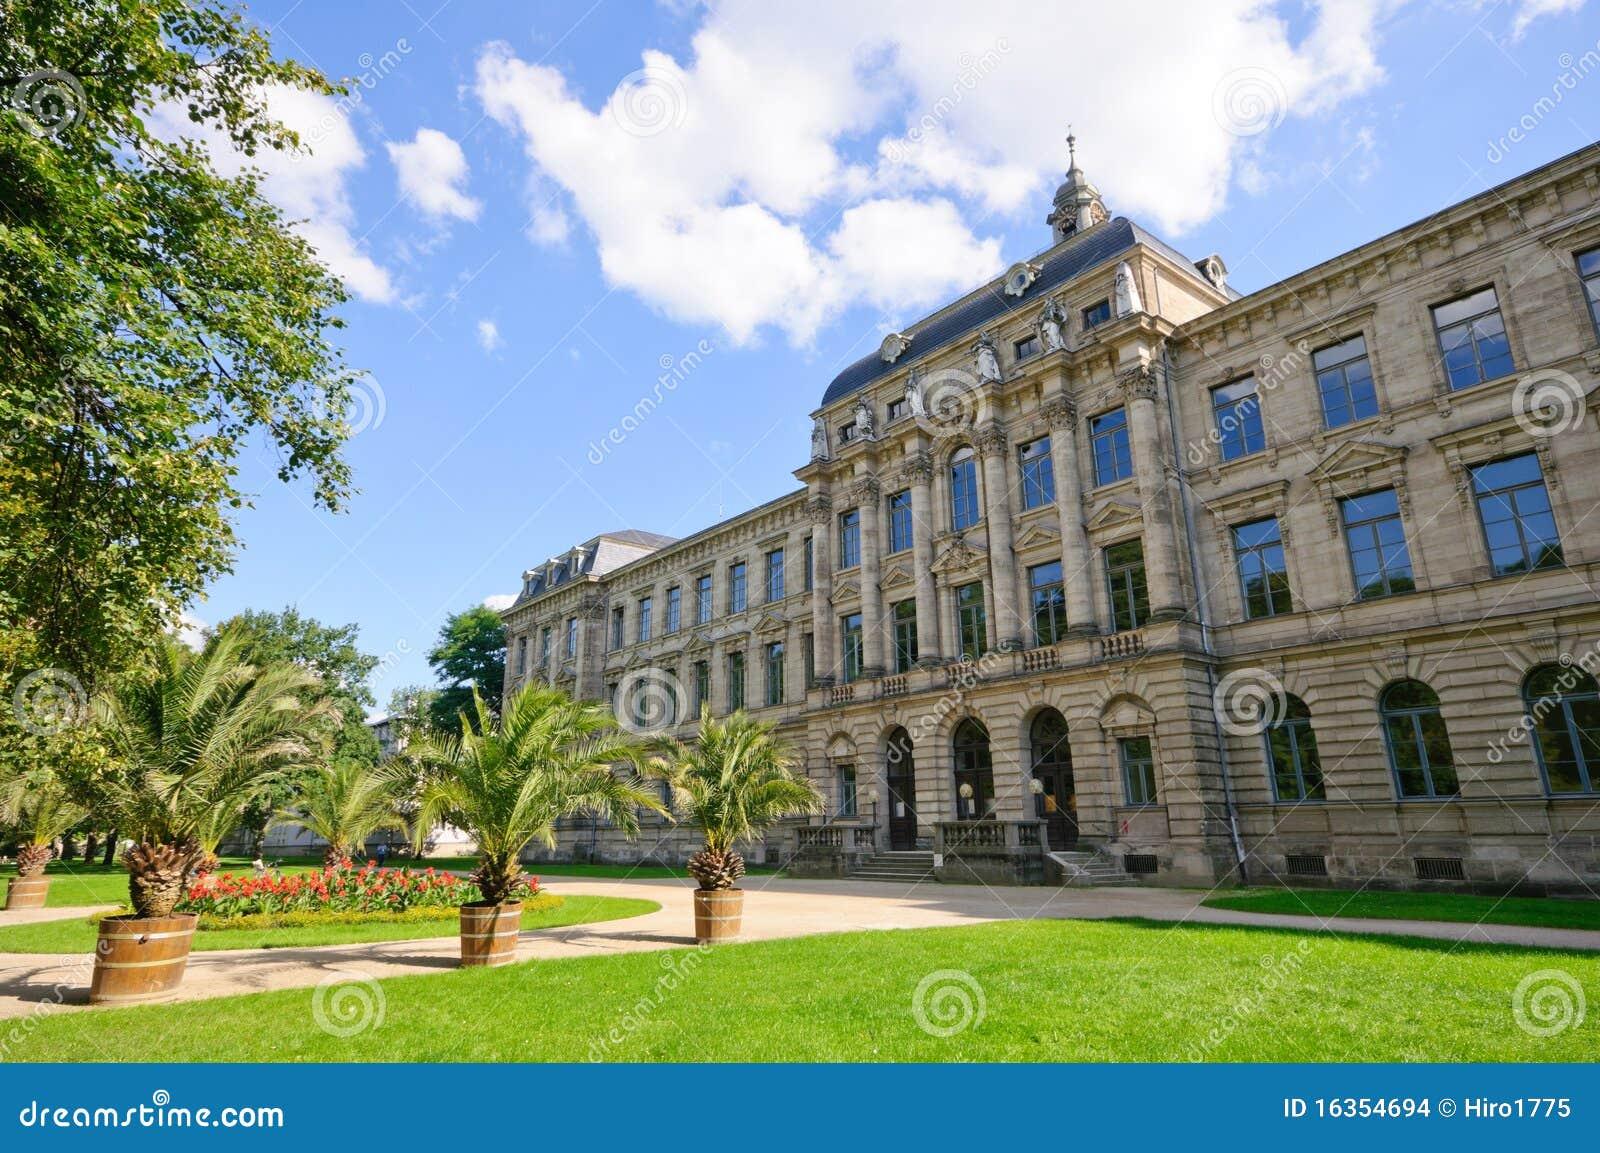 Campus.Uni Erlangen